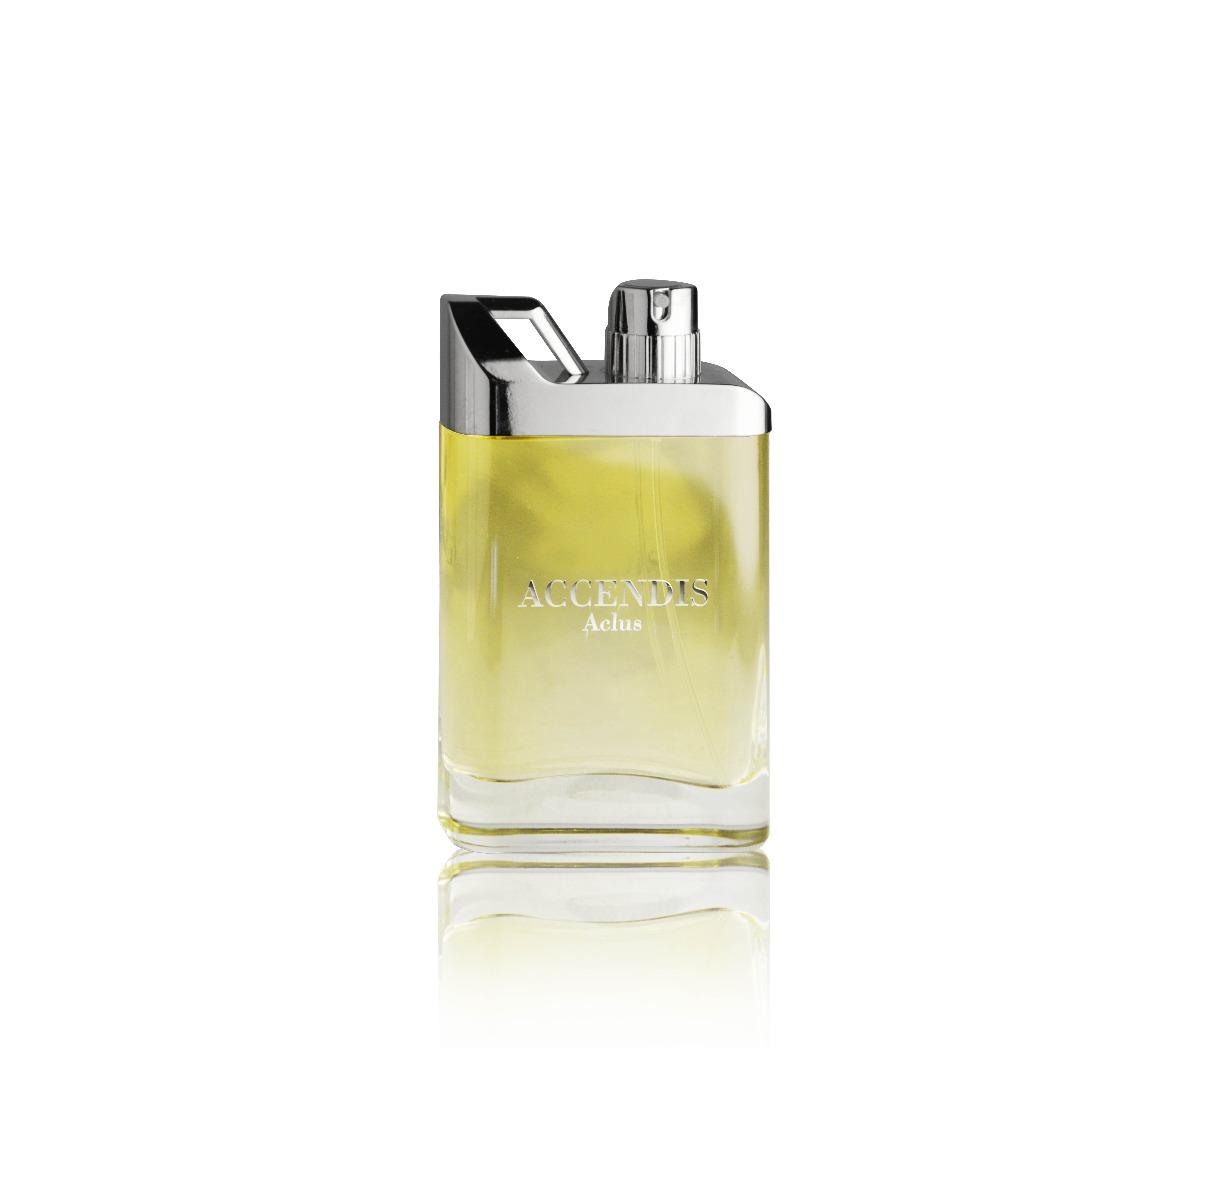 Accendis - Aclus - Trilogie Collection - Eau de Parfum 100 ml